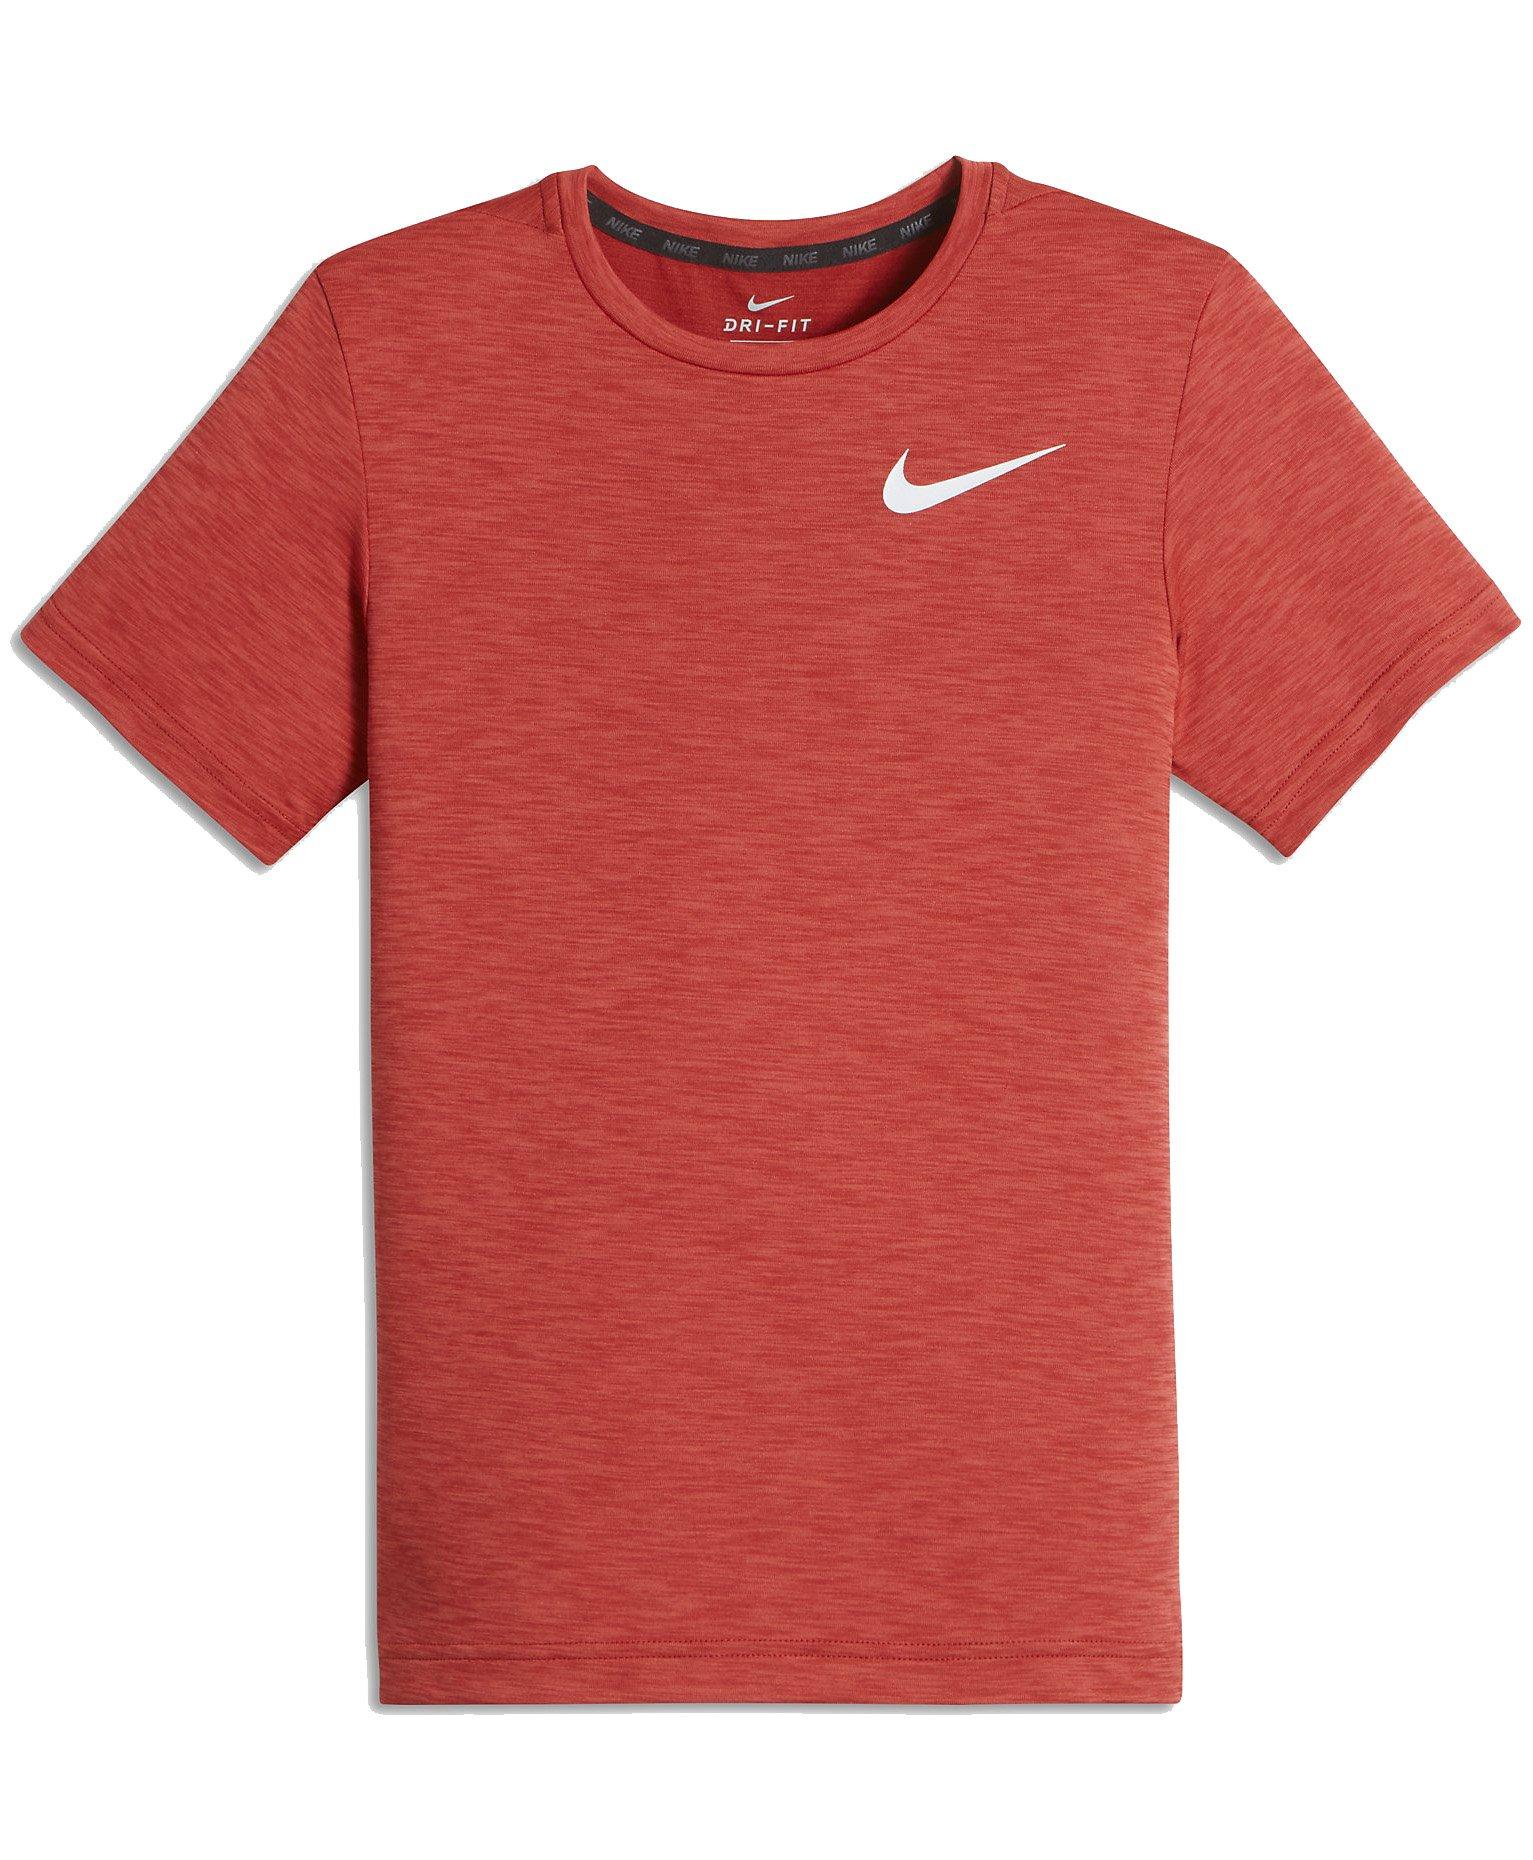 Nike Boys B Nk Dry Top Ss T-Shirt